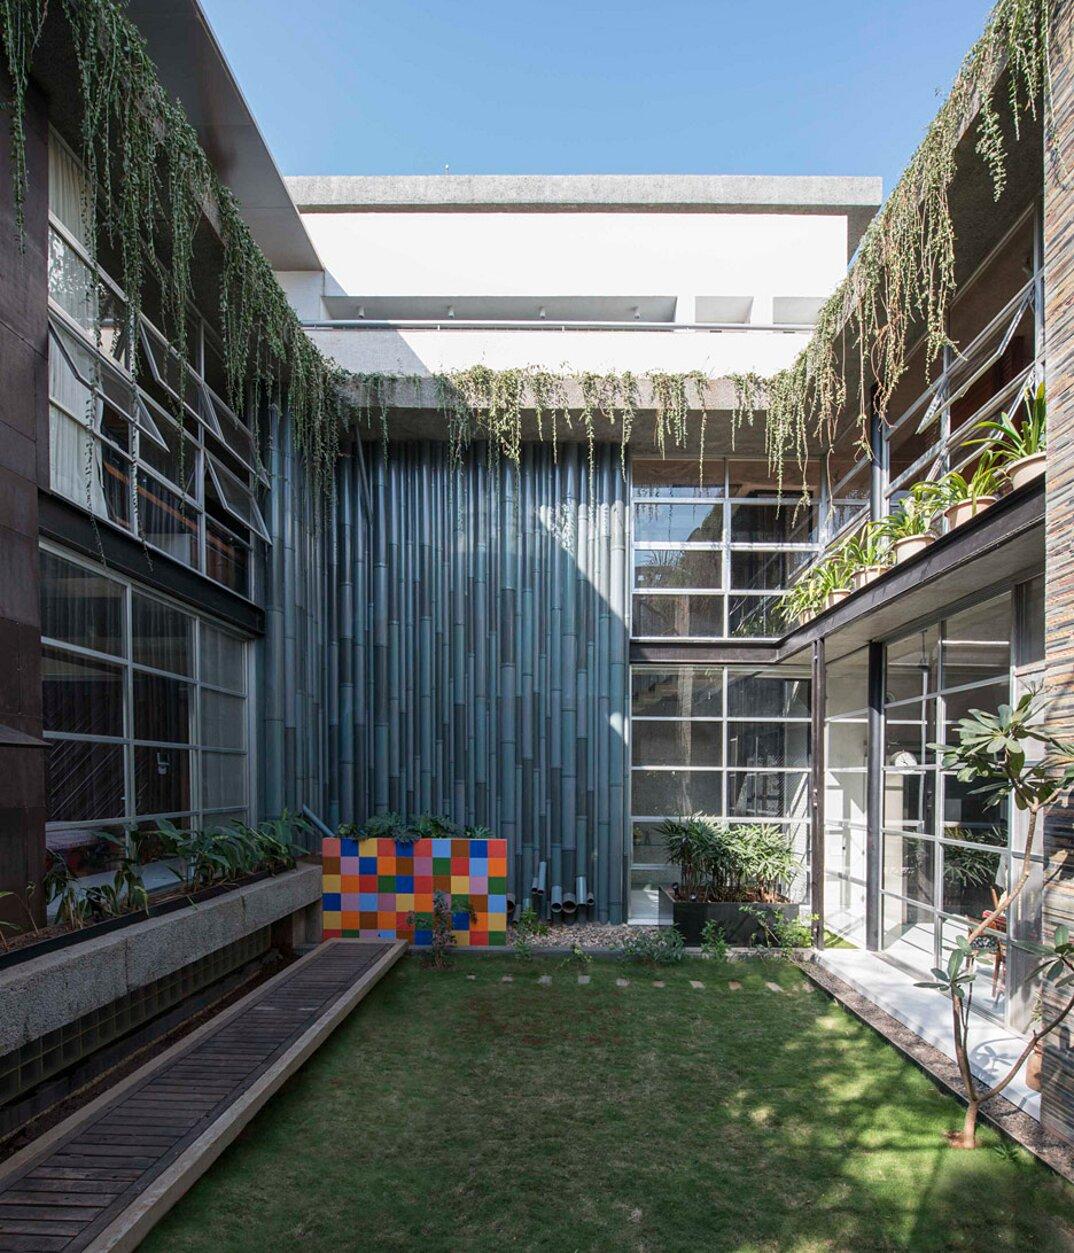 edificio-materiali-riciclati-architettura-sostenibile-mumbai-sps-architects-25